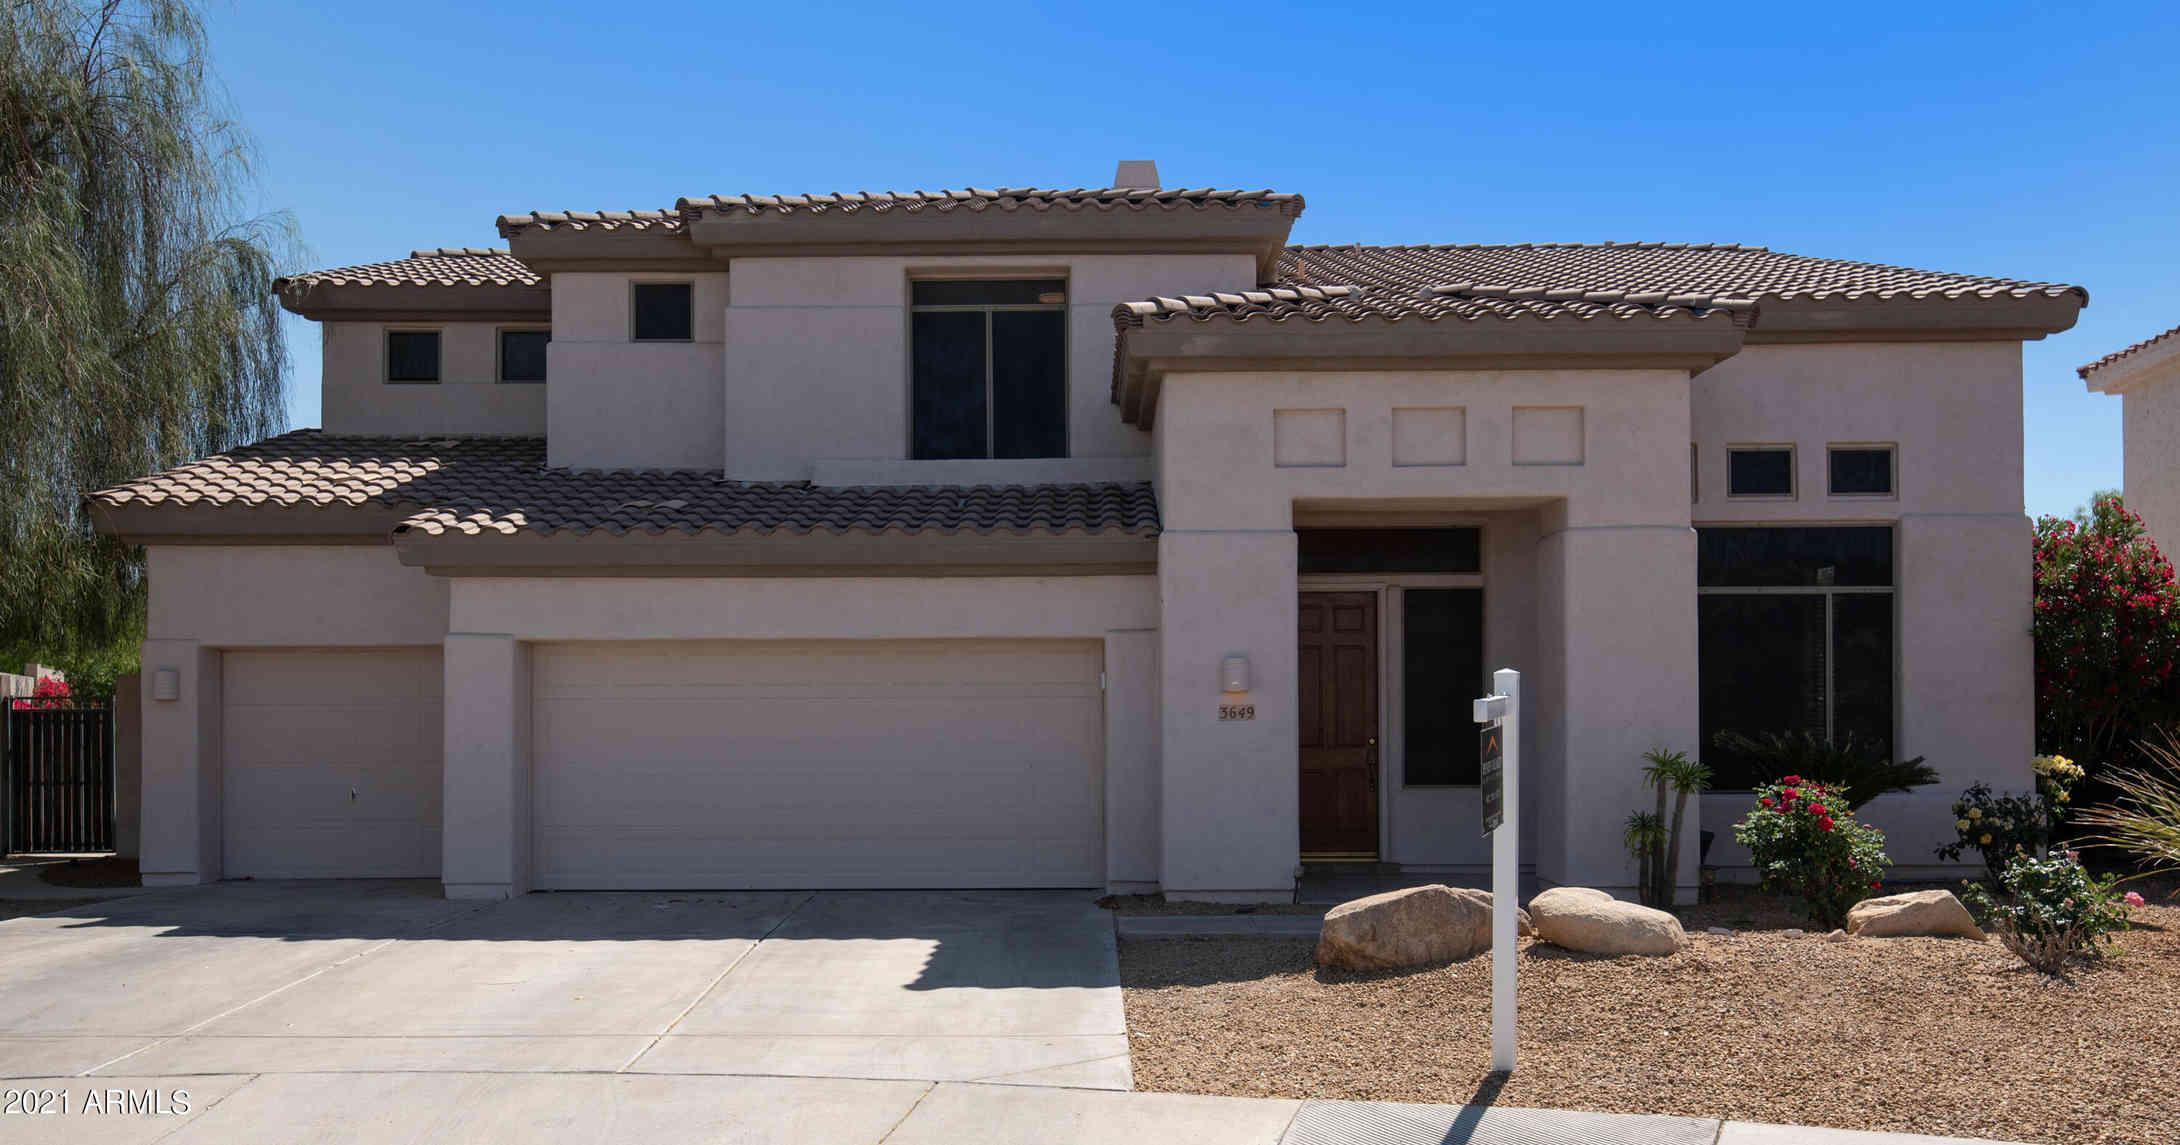 3649 N 145TH Avenue, Goodyear, AZ, 85395,